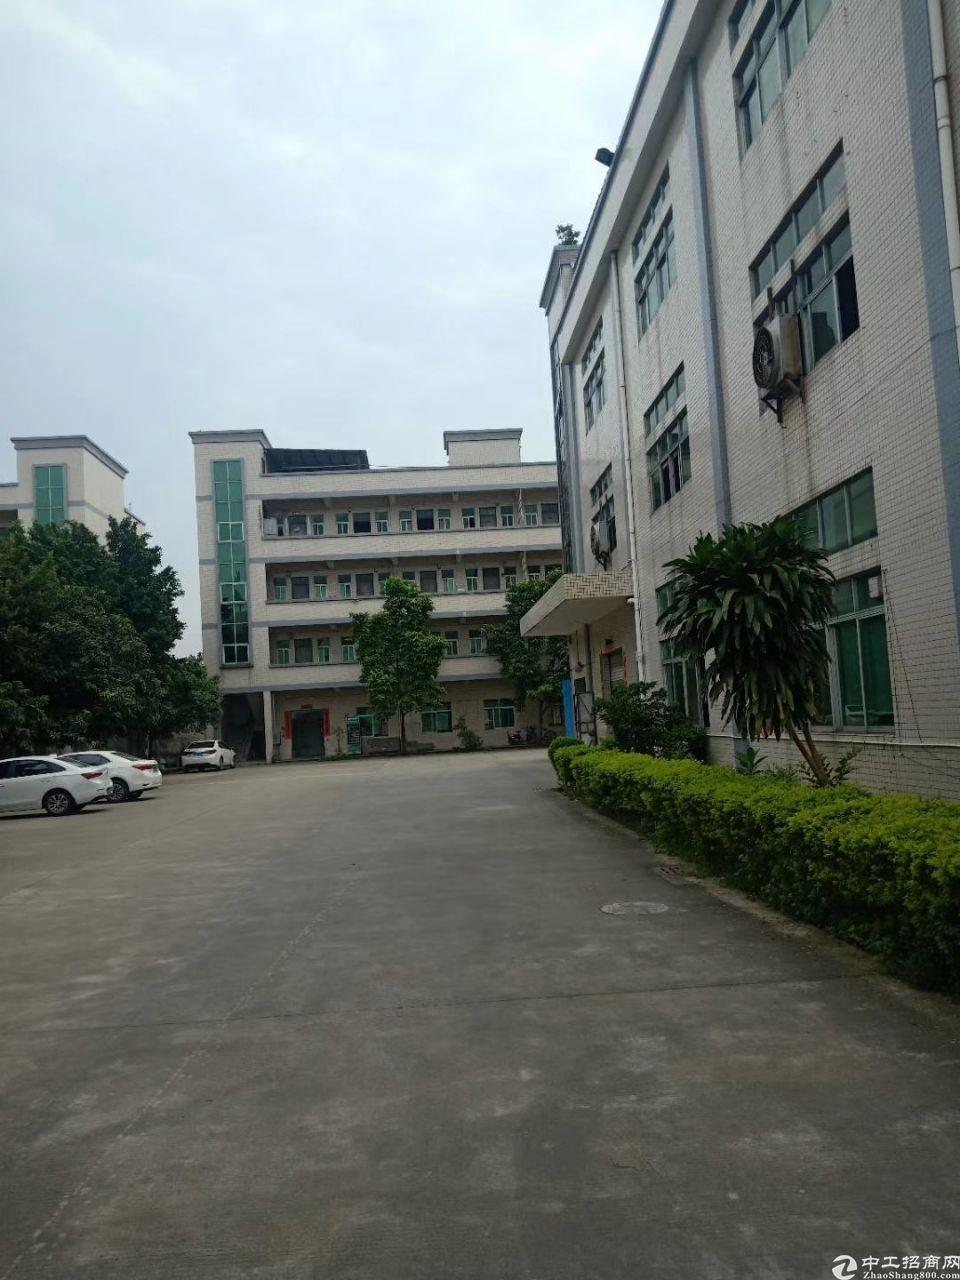 茶山镇正规工业区内,分租楼上标准厂房约1000方,带现成办公